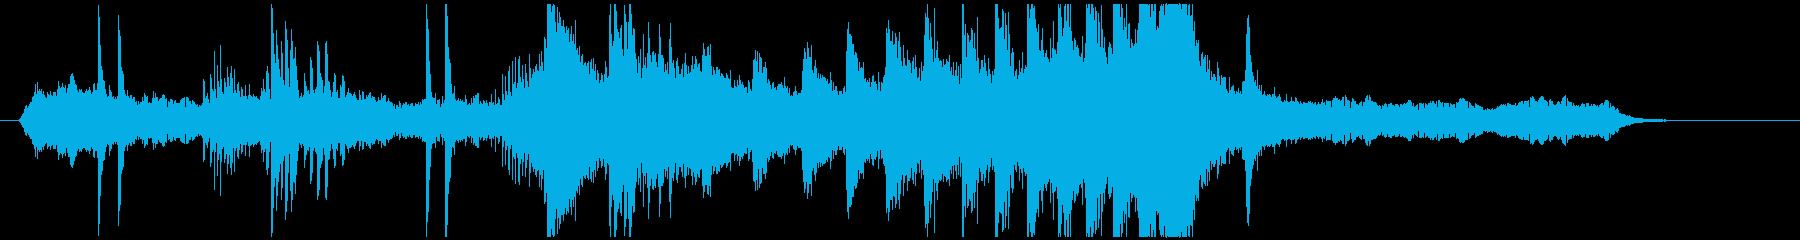 鬼気迫る映画のトレーラーをイメージの再生済みの波形